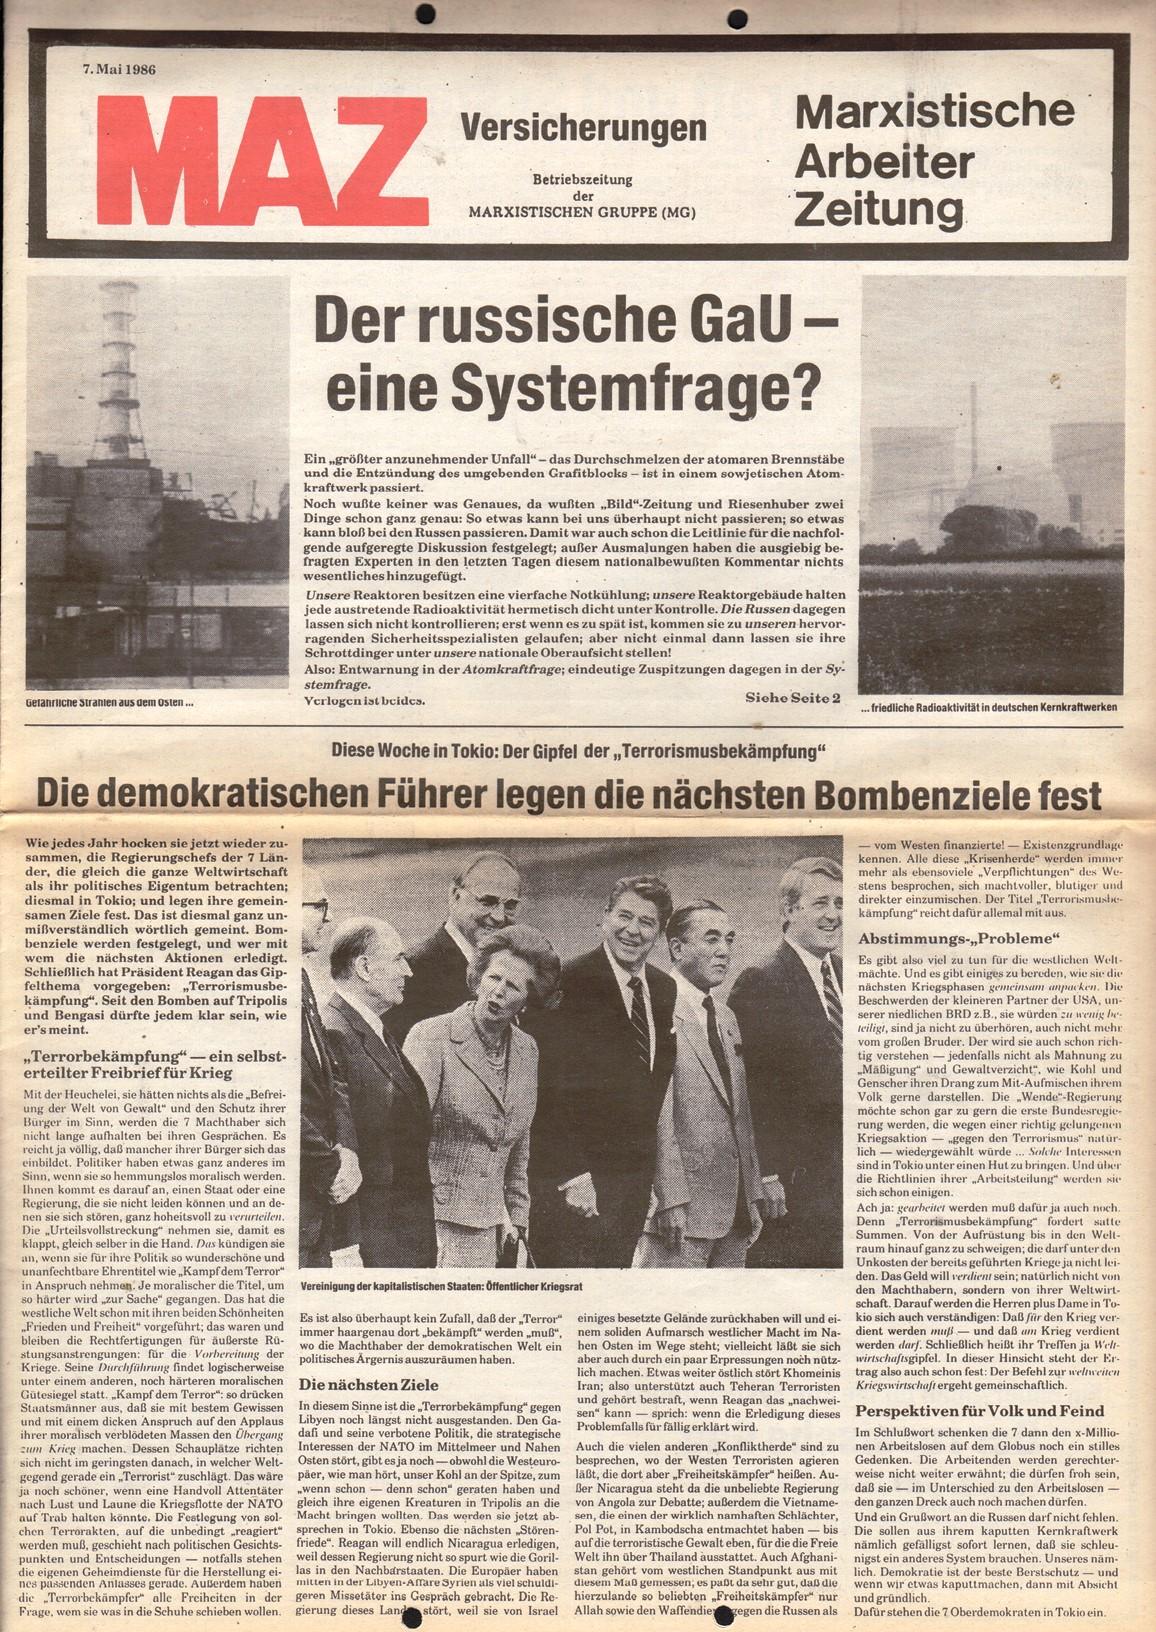 Muenchen_MG_MAZ_Versicherungen_19860507_01